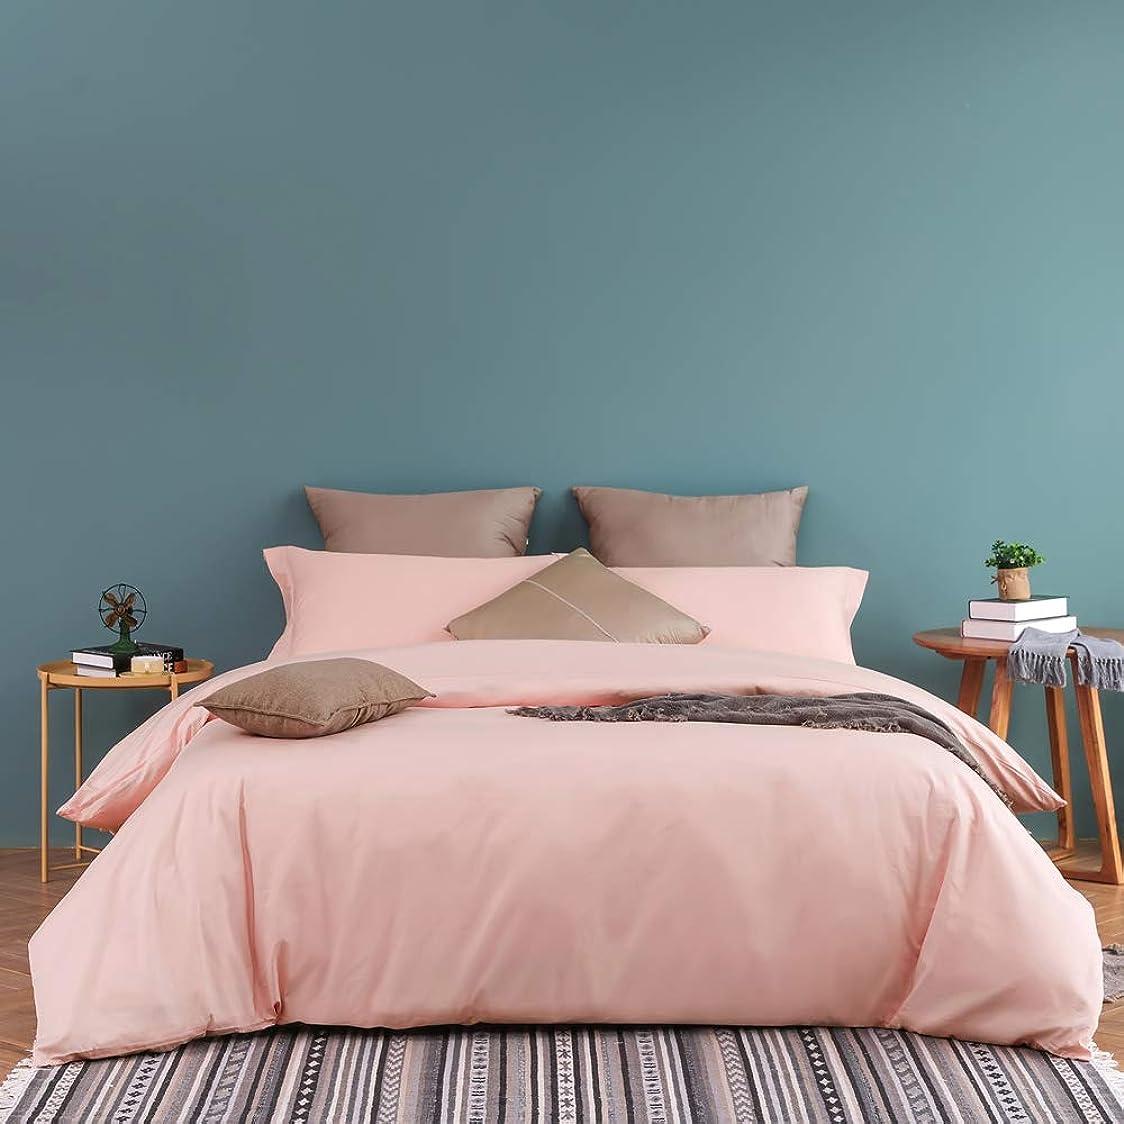 賢いブラインド誠実さふとん カバー セット 綿100% ベッド用 ダブル 枕カバー2枚 掛けふとんカバー1枚 ボックスシーツ1枚 夏涼しい 冬暖かい 無地 ピンク